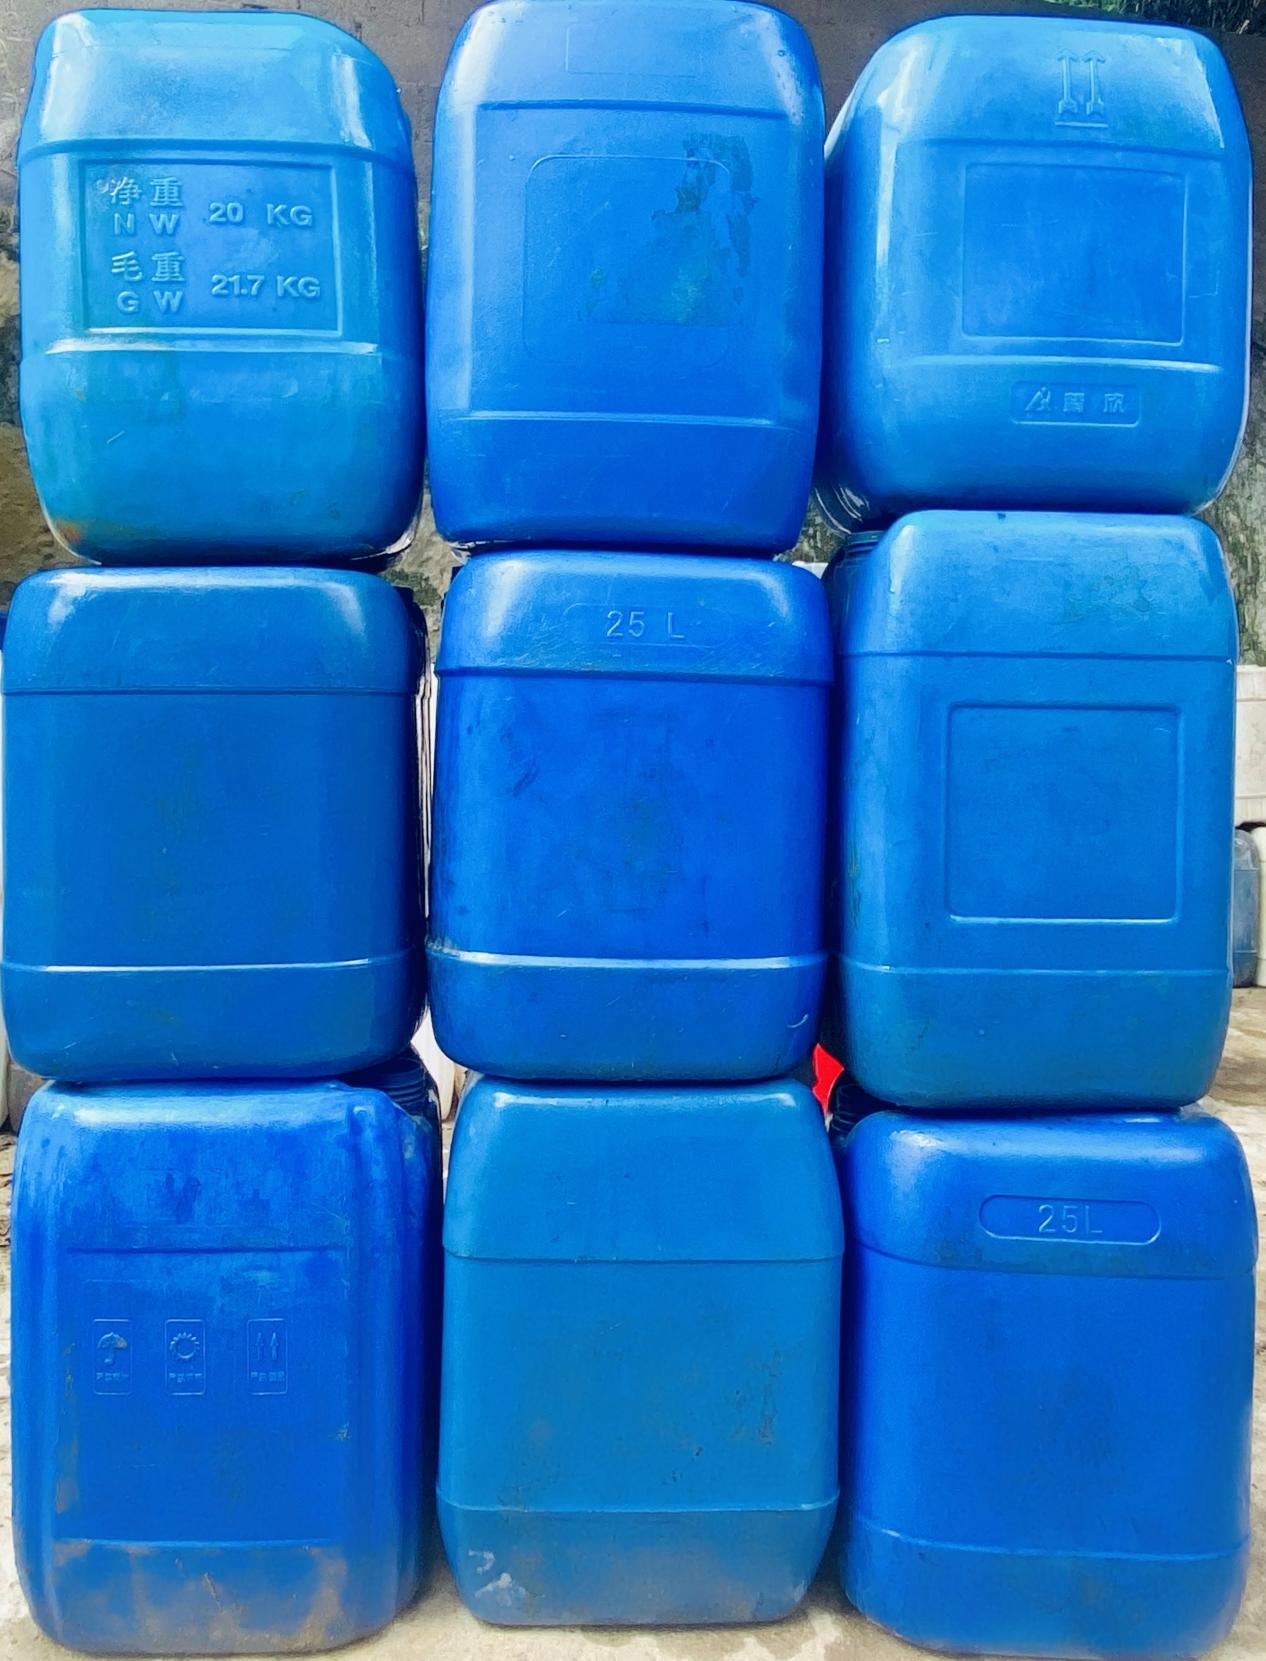 贵州厂家直销每桶净重25kg草酸清洗剂的作用及功能清洗剂(草酸)